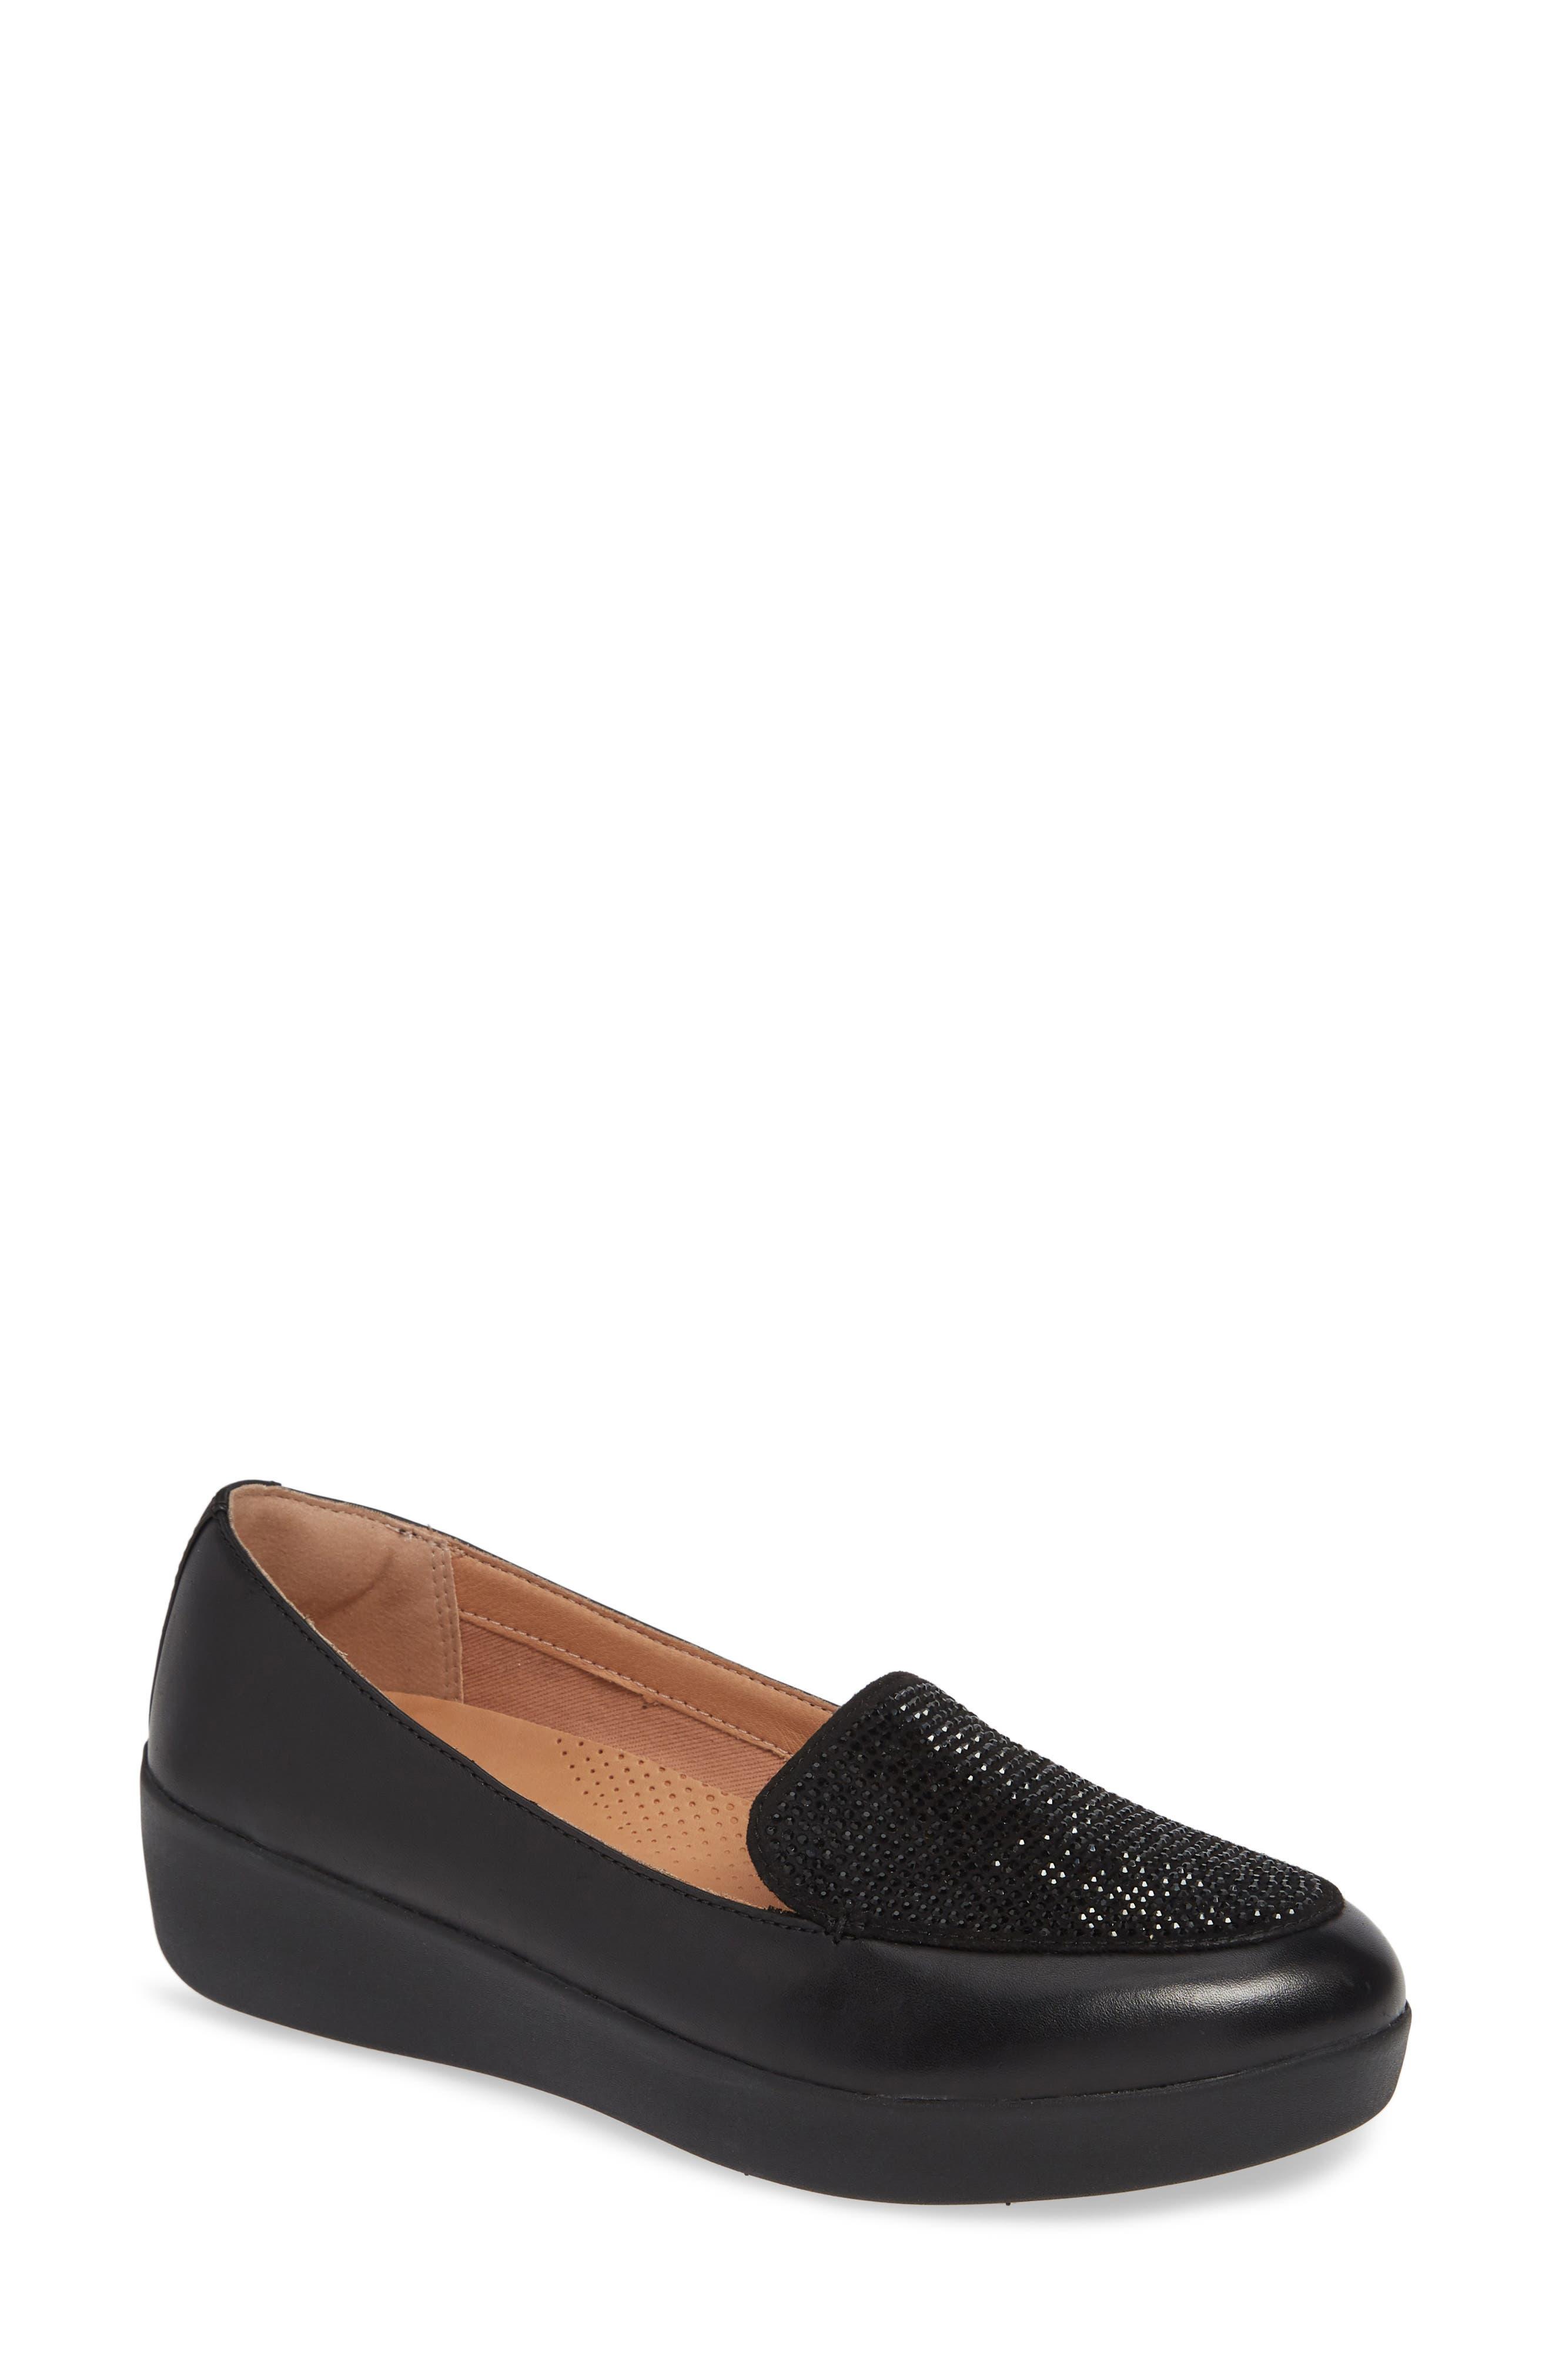 Crystal Embellished Sneakerloafer Slip-On, Main, color, BLACK FABRIC